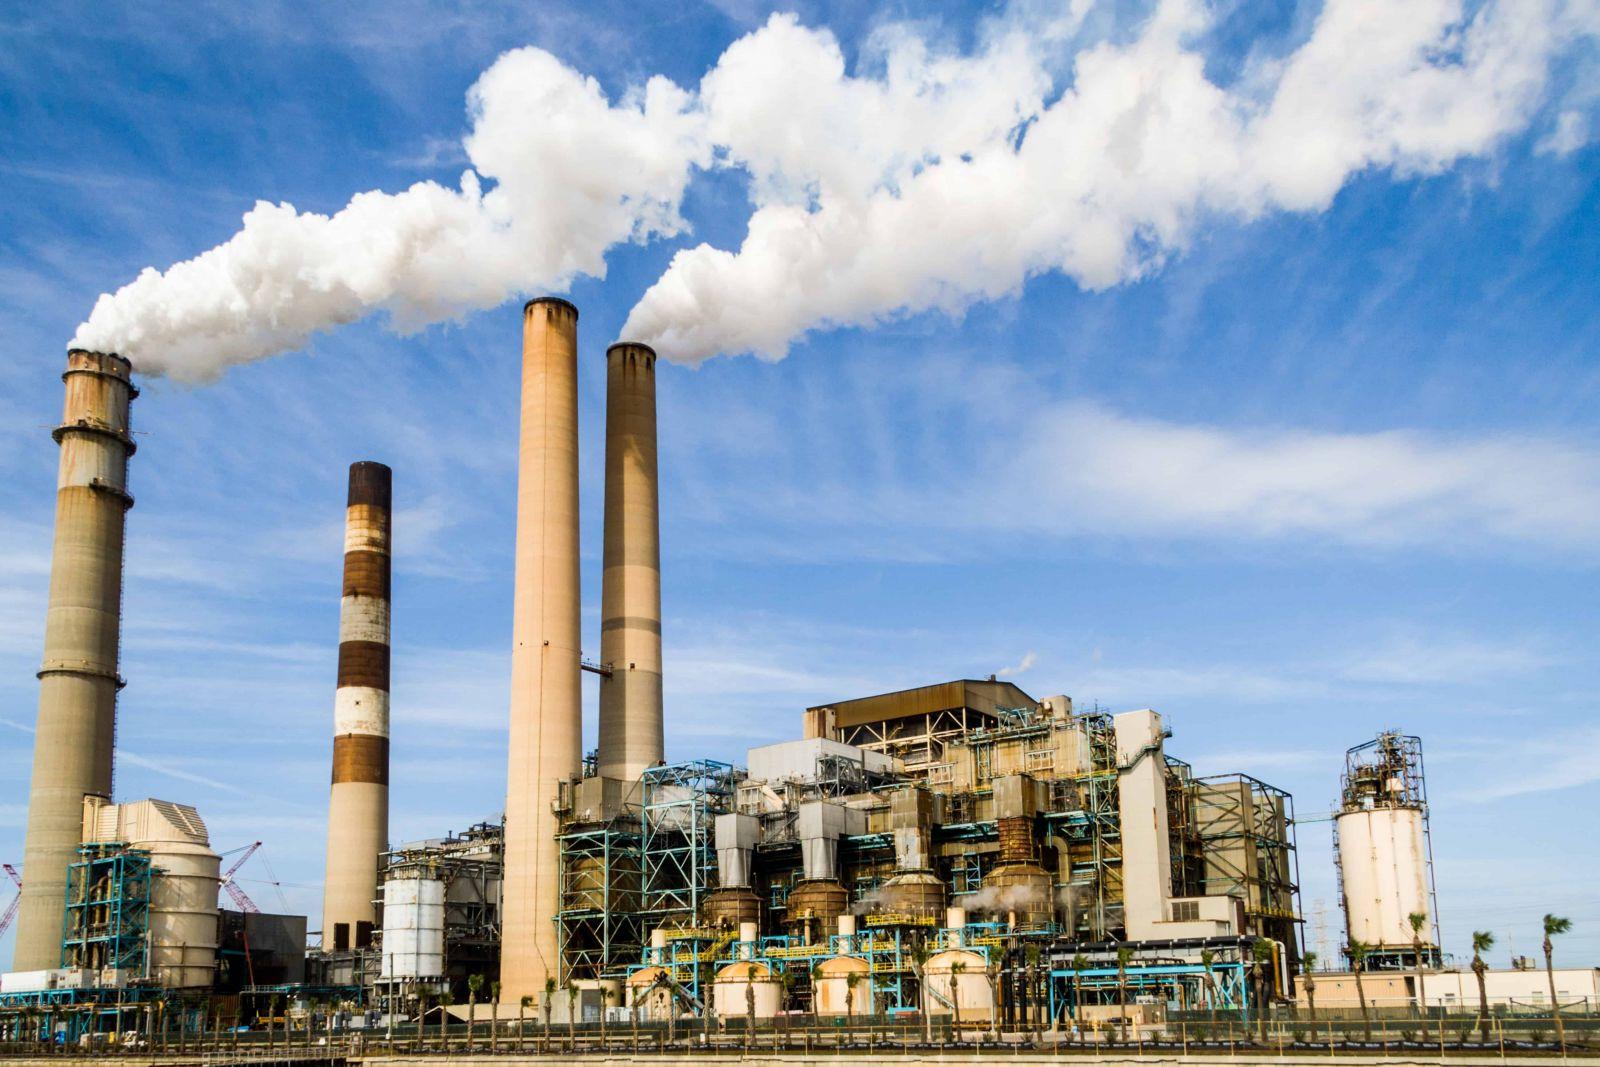 nhựa là loại vật chất có nguồn gốc từ dầu mỏ